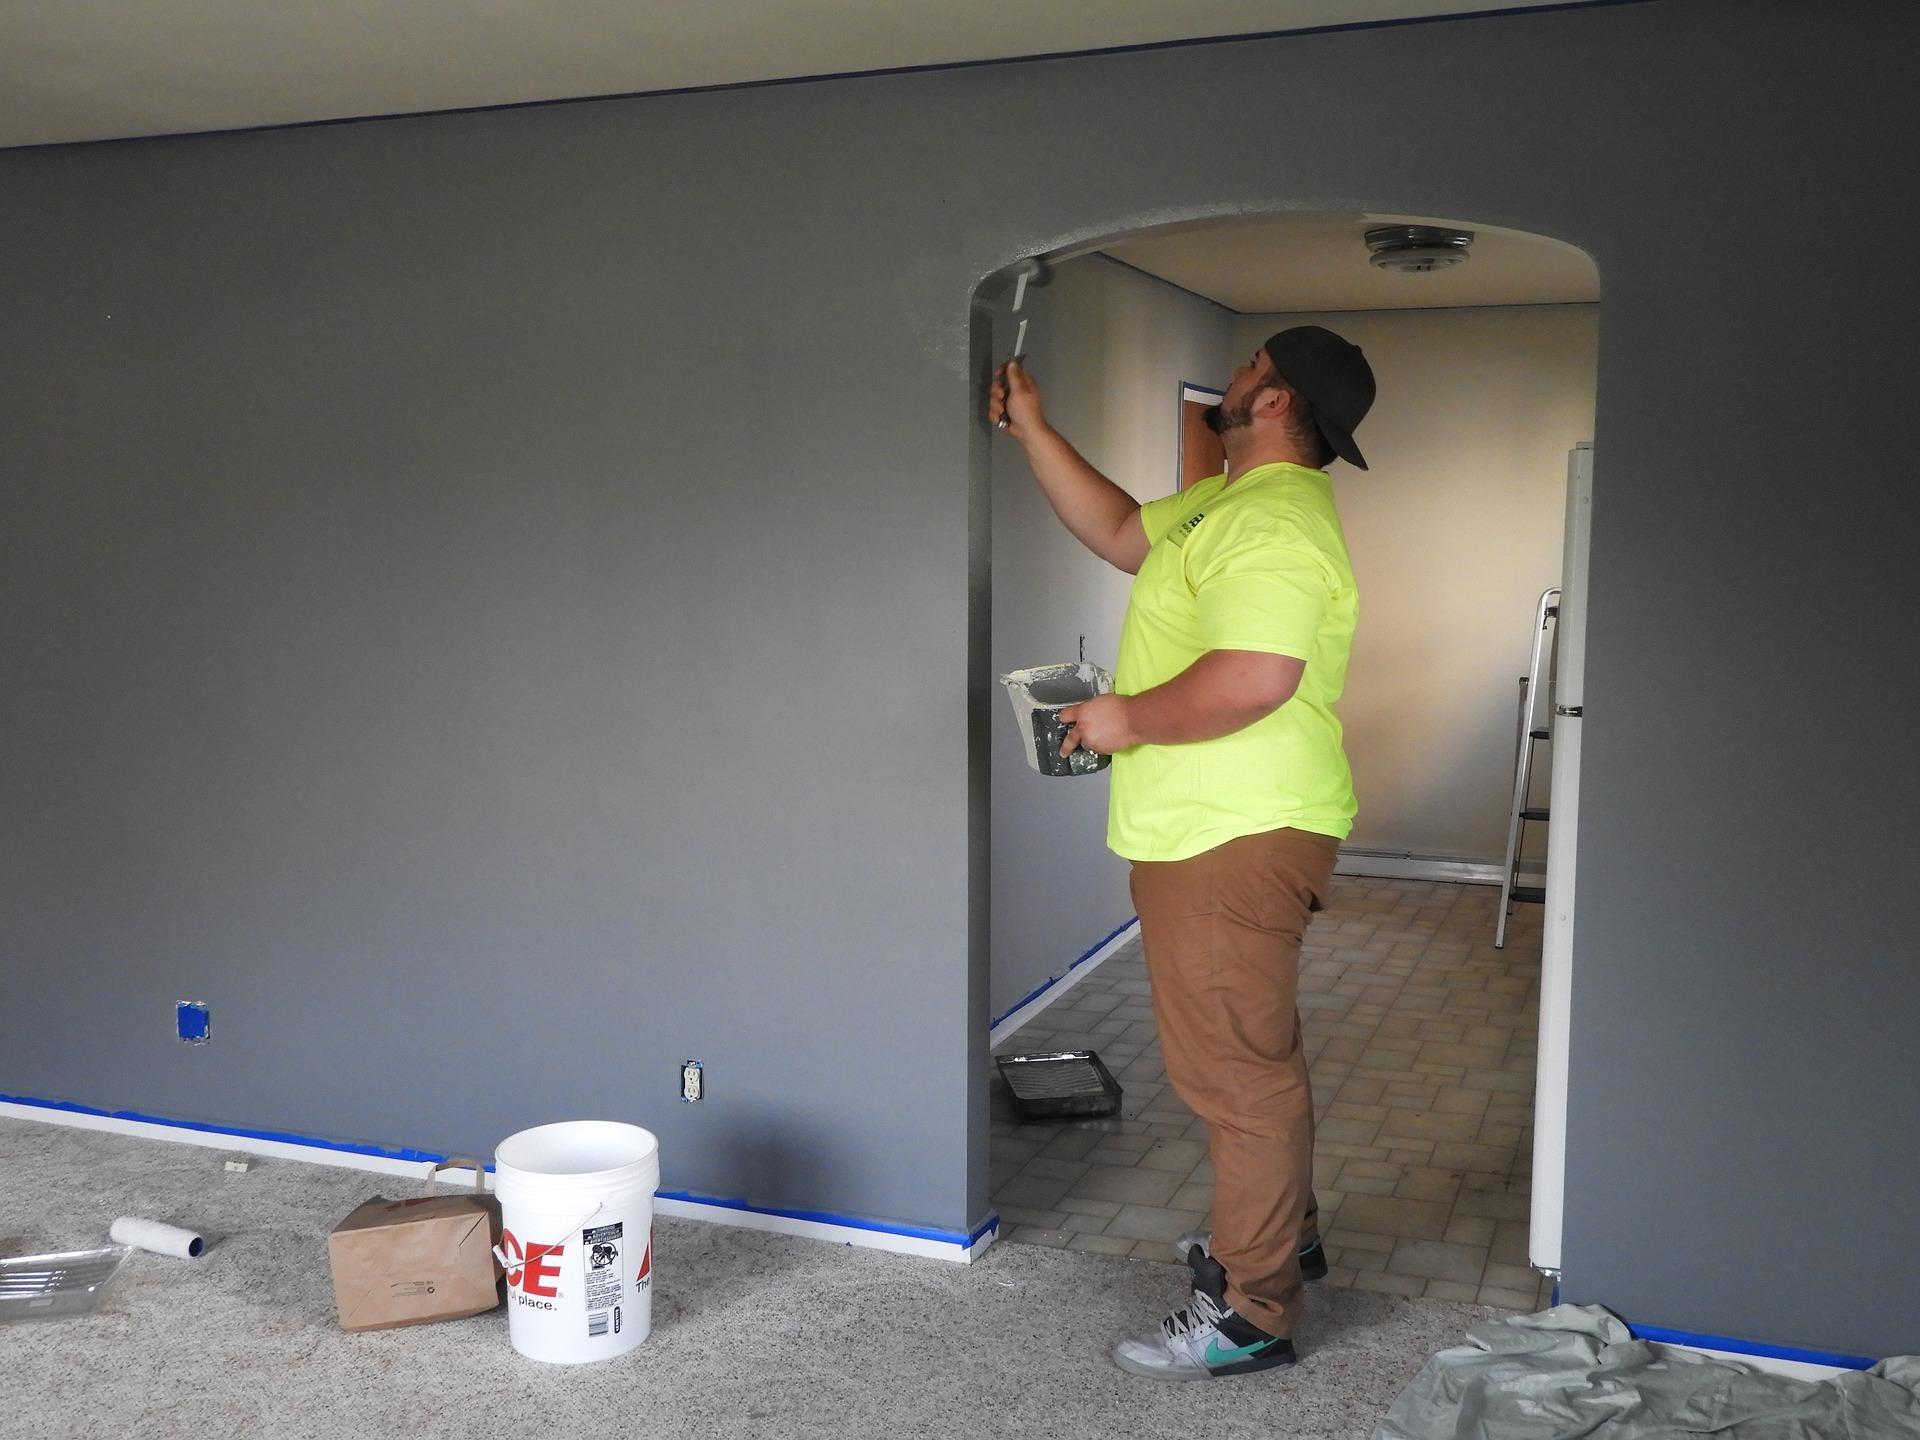 Streichen: Bei der Farbwahl der Wände gibt es keine Beschränkungen. Aufpassen aber: Manche Mietverträge enthalten eine Klausel, die besagt, dass sich die die Wohnung bei Auszug in einem farblich neutralen Zustand befinde muss. In diesem Fall müsstest du die bunte Farbe überstreichen.